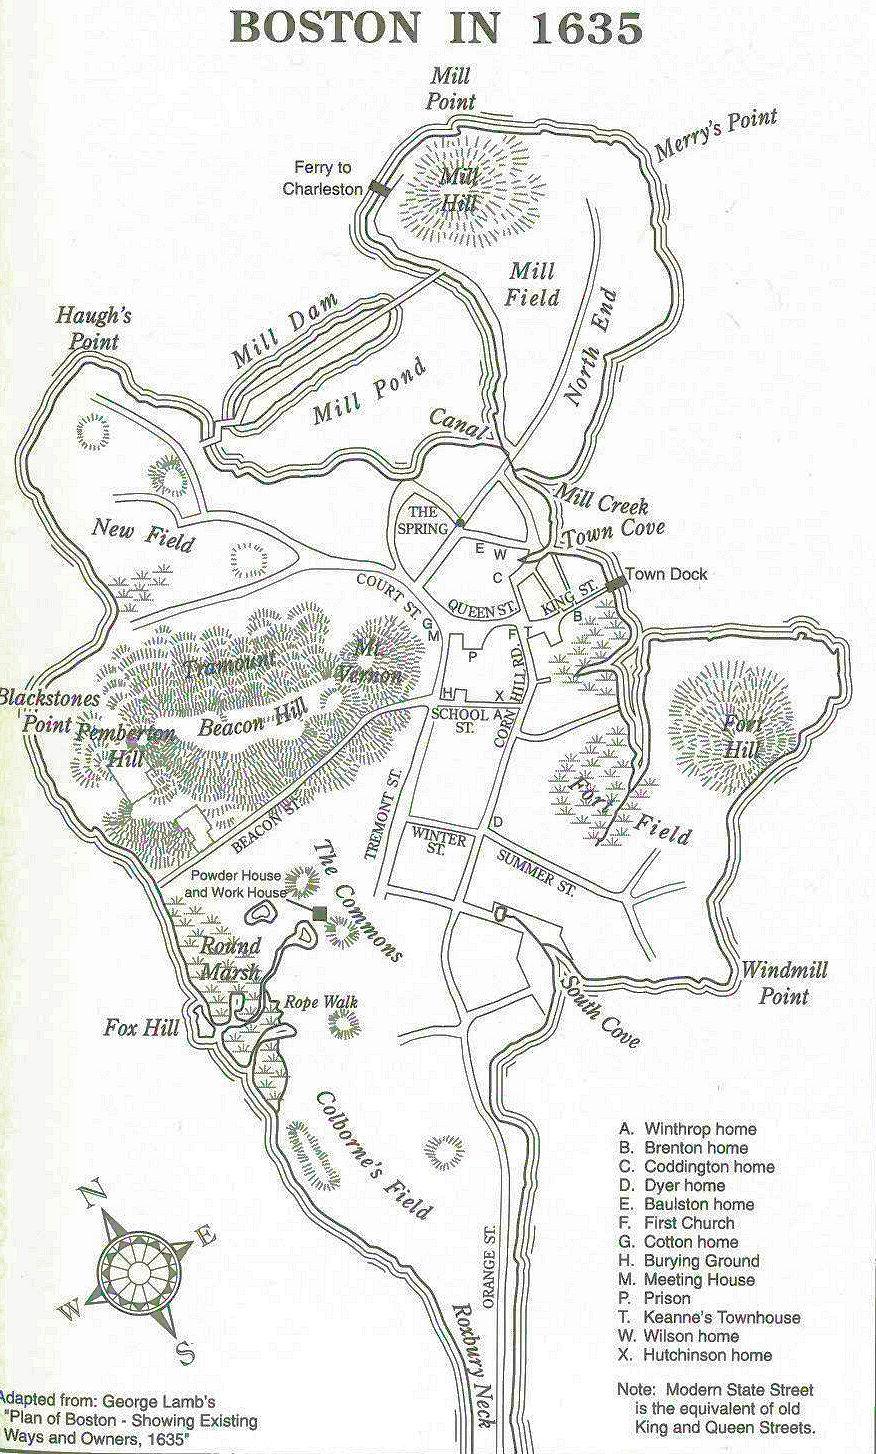 Map of Boston in 1635 First Map Of Boston on map boston area towns, jamaica plain boston, massachusetts boston, tourism boston, harvard square boston, things to do in boston, metro map boston, greater boston, fallout boston, towns surrounding boston, subway in boston, downtown boston, map massachusetts, weather boston, world map boston, back bay boston, map ny, lakes in boston, hyatt regency boston, north end boston,